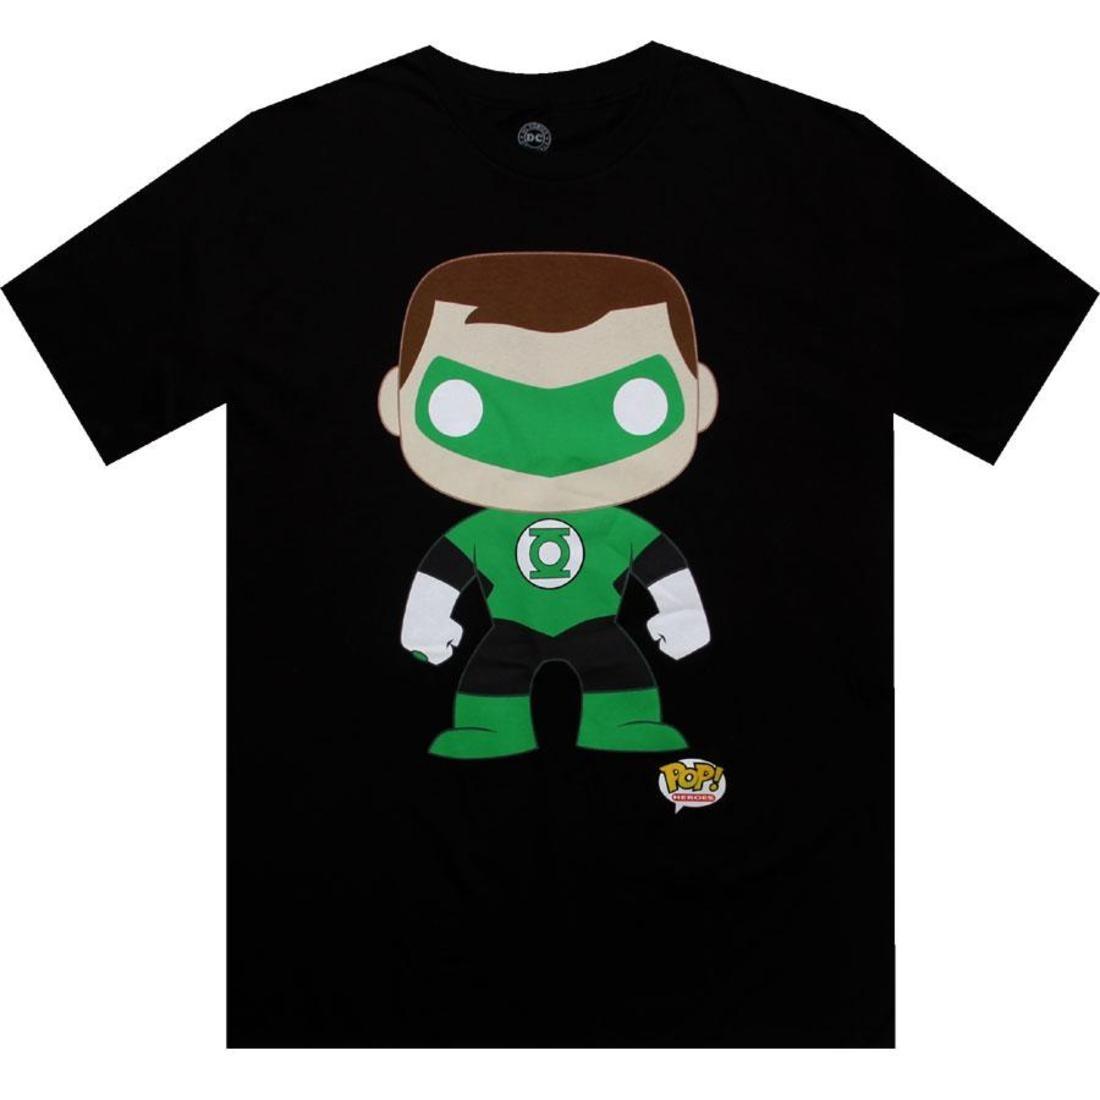 ディーシー コミックス 緑 グリーン Tシャツ メンズファッション トップス カットソー メンズ 【 Dc Comics Green Lantern Funko Tee (black) 】 Black